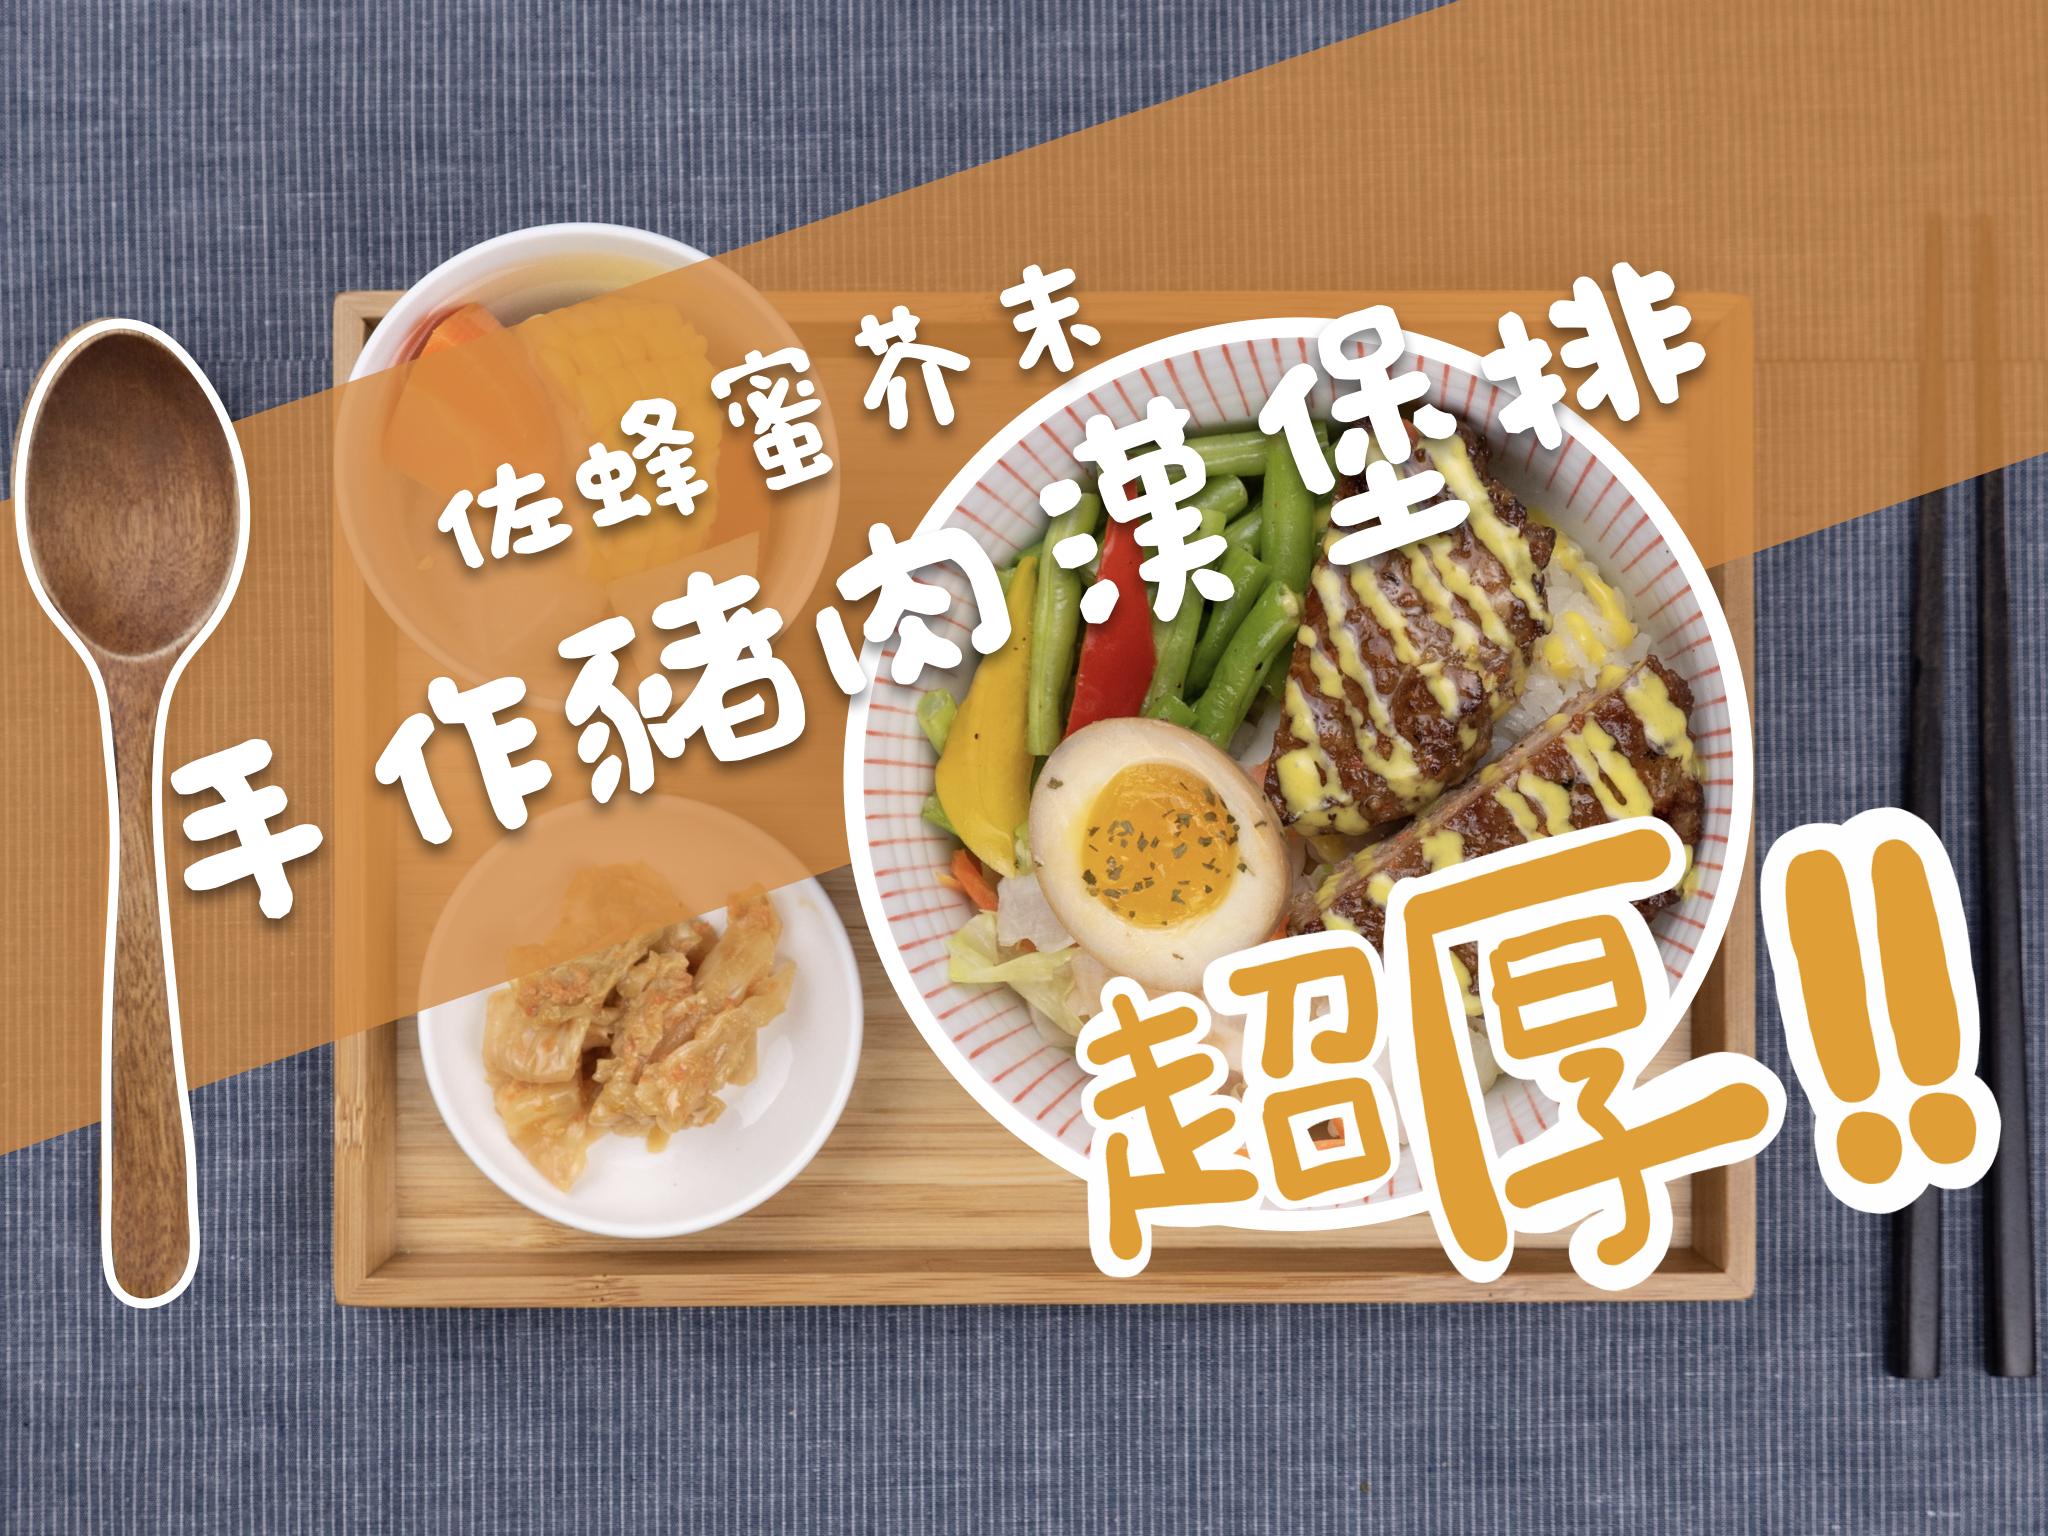 禾火餐點|手作豬肉漢堡排丼飯,搭配蜂蜜芥末醬的香濃好滋味